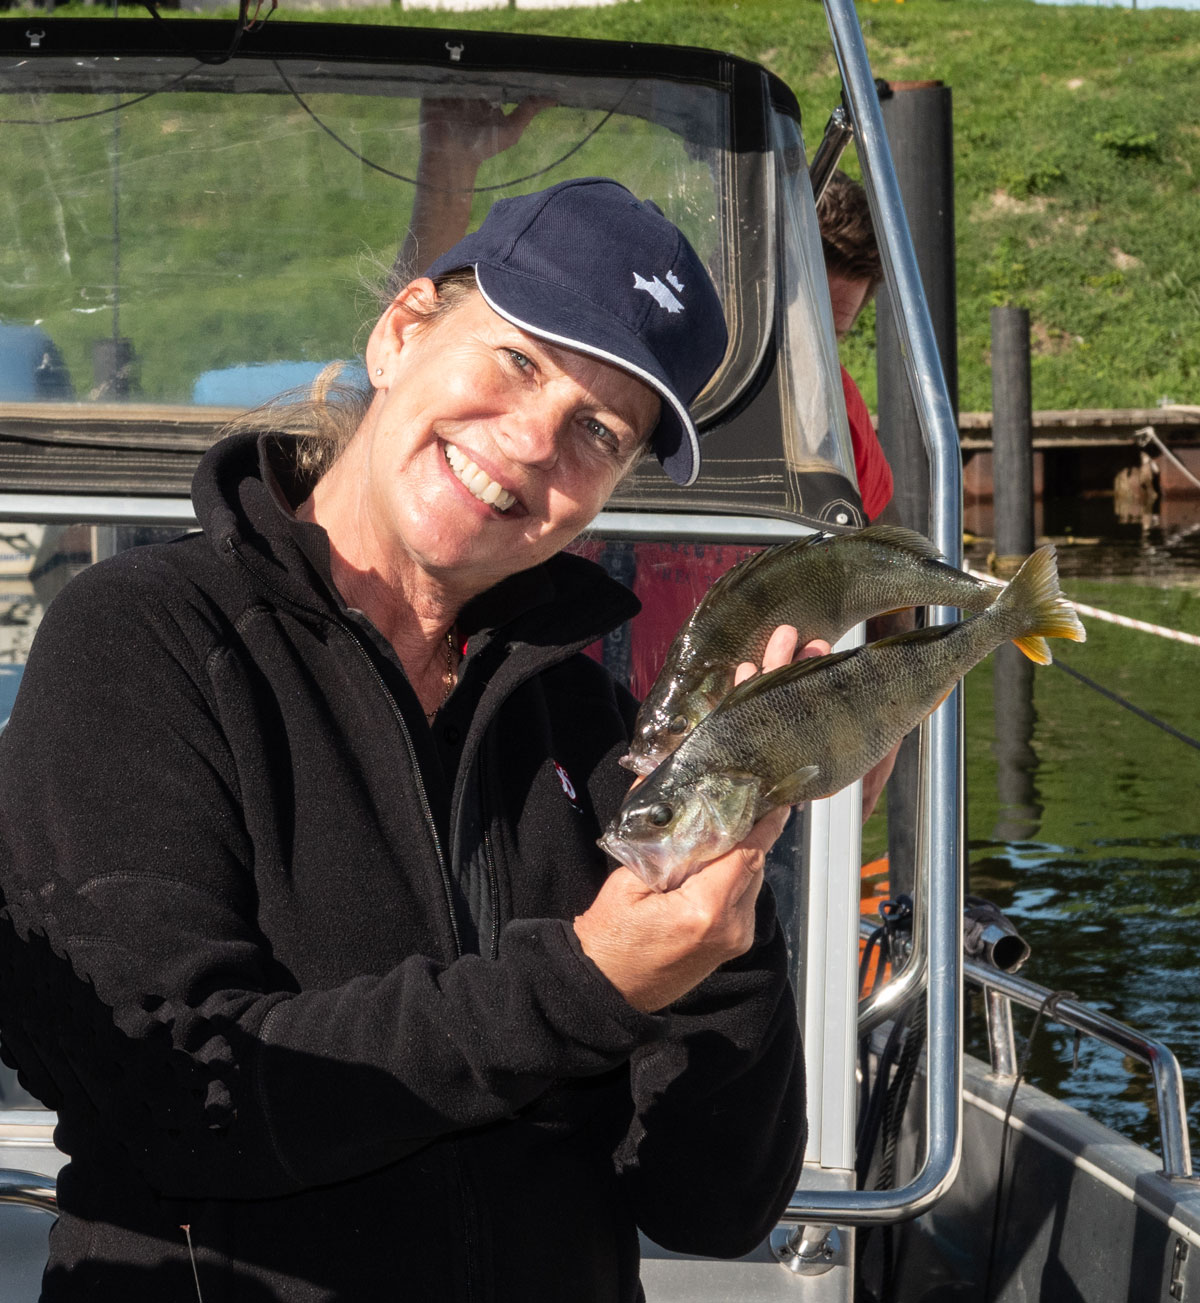 Leidenschaftliche Anglerin und Naturliebhaberin: TV-Schauspielerin Anja Schüte. Foto: R. Korn